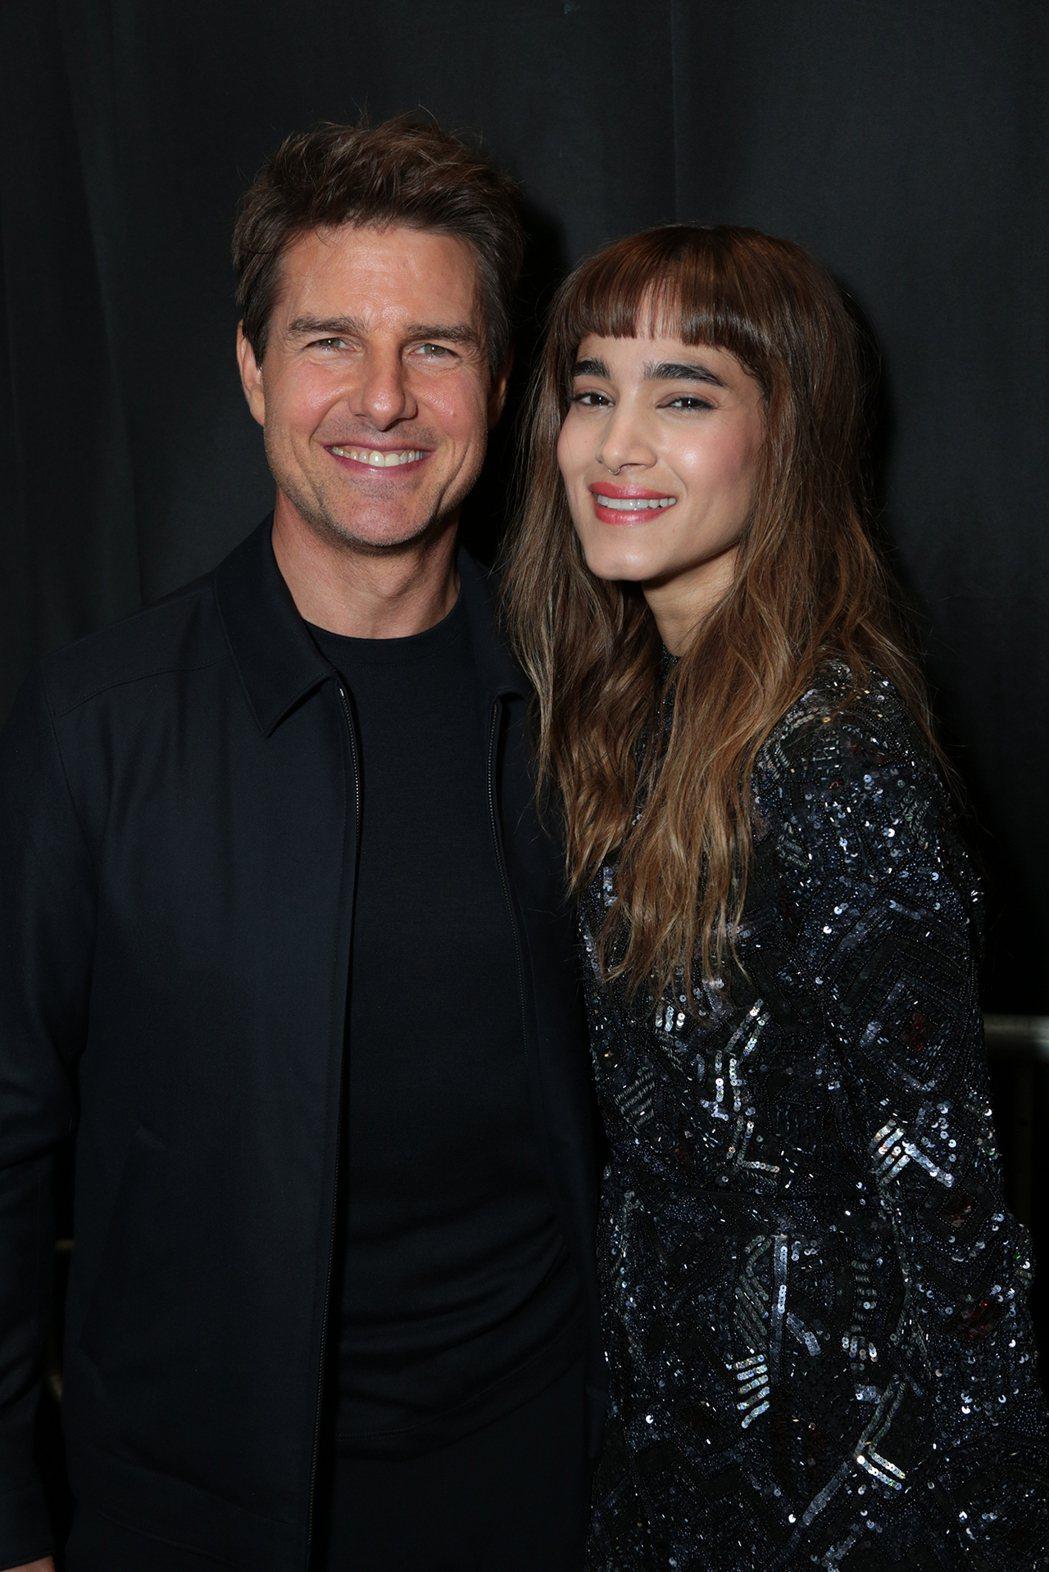 男主角湯姆克魯斯、女主角安娜貝爾瓦莉絲出席好萊塢520「神鬼傳奇」日。圖UIP提...